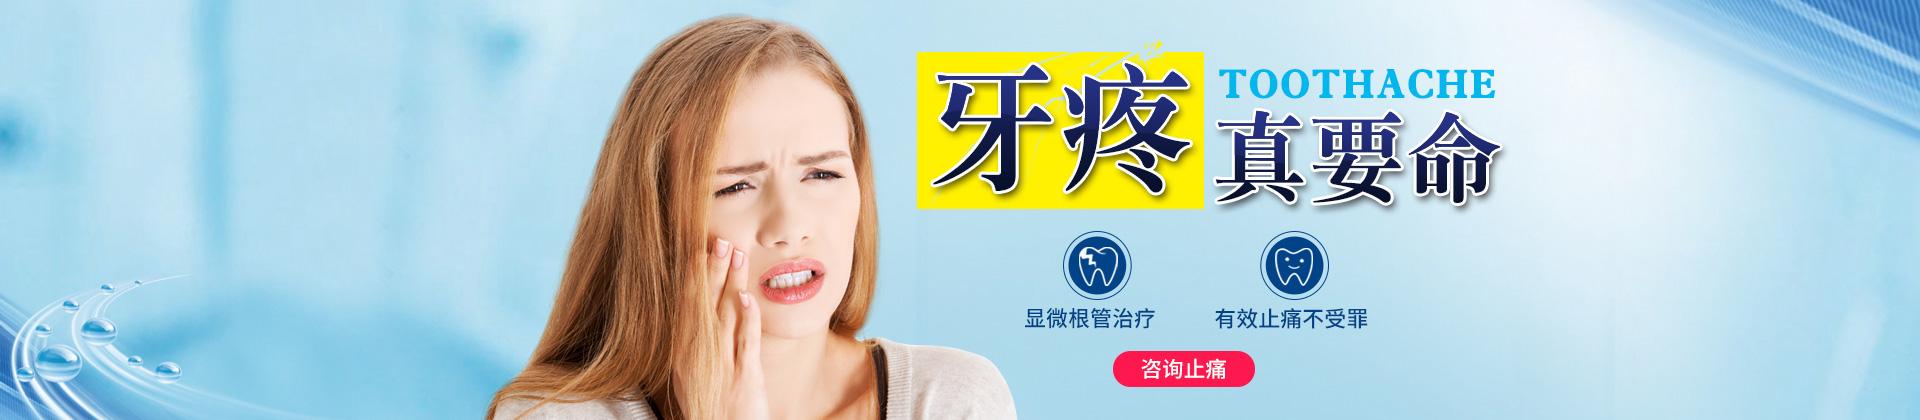 牙疼真要命 显微根管治疗不受罪